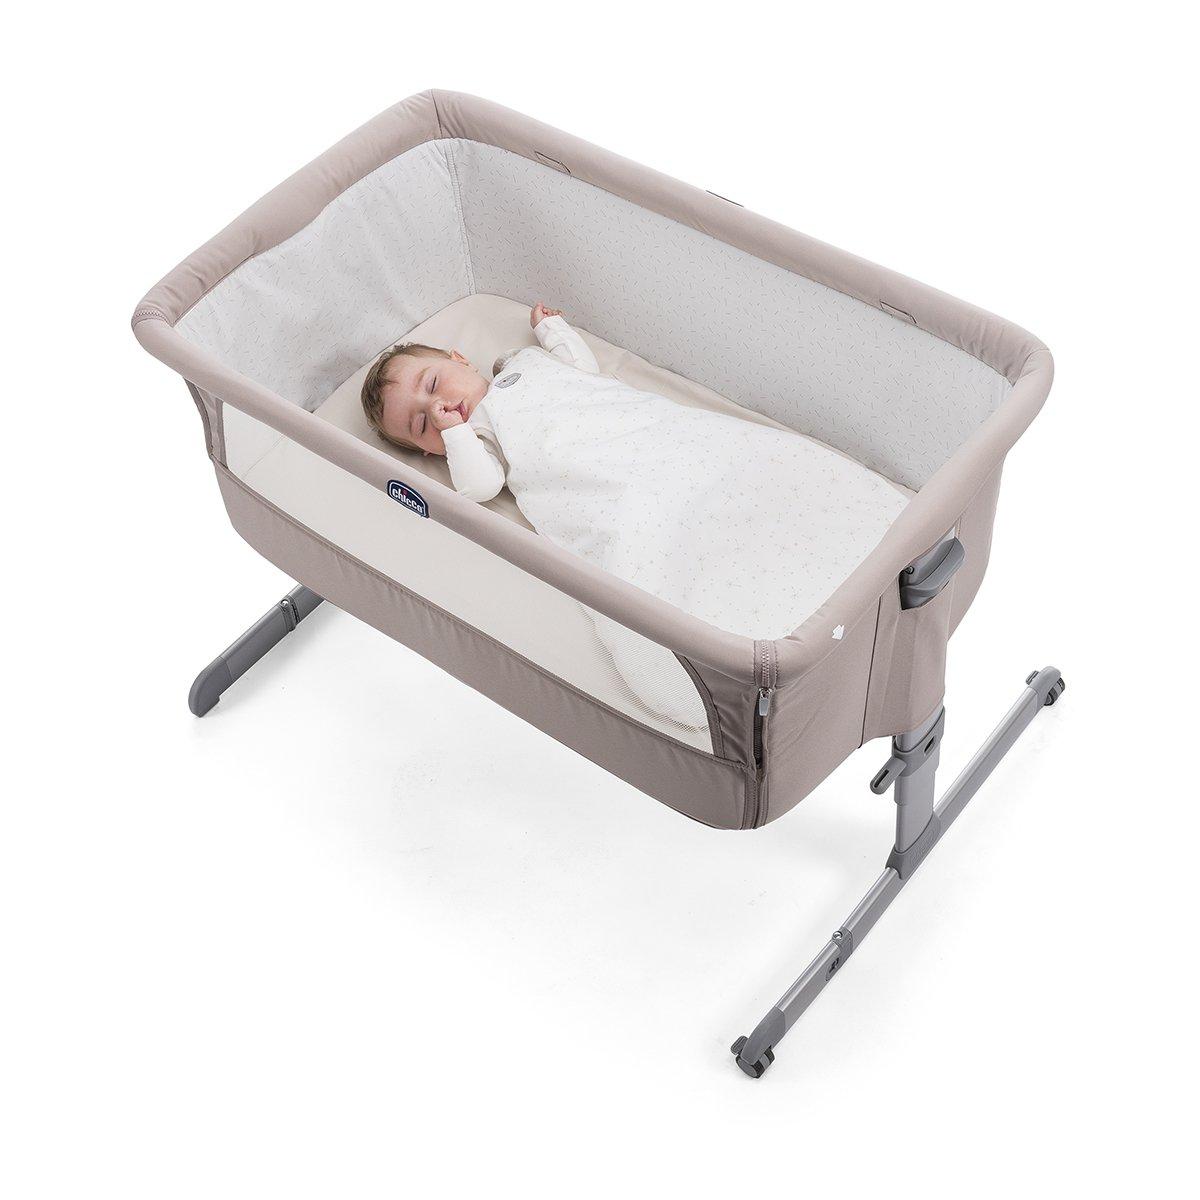 Chicco Next2Me - Set de saco de dormir y sábana, color Delicacy: Amazon.es: Bebé